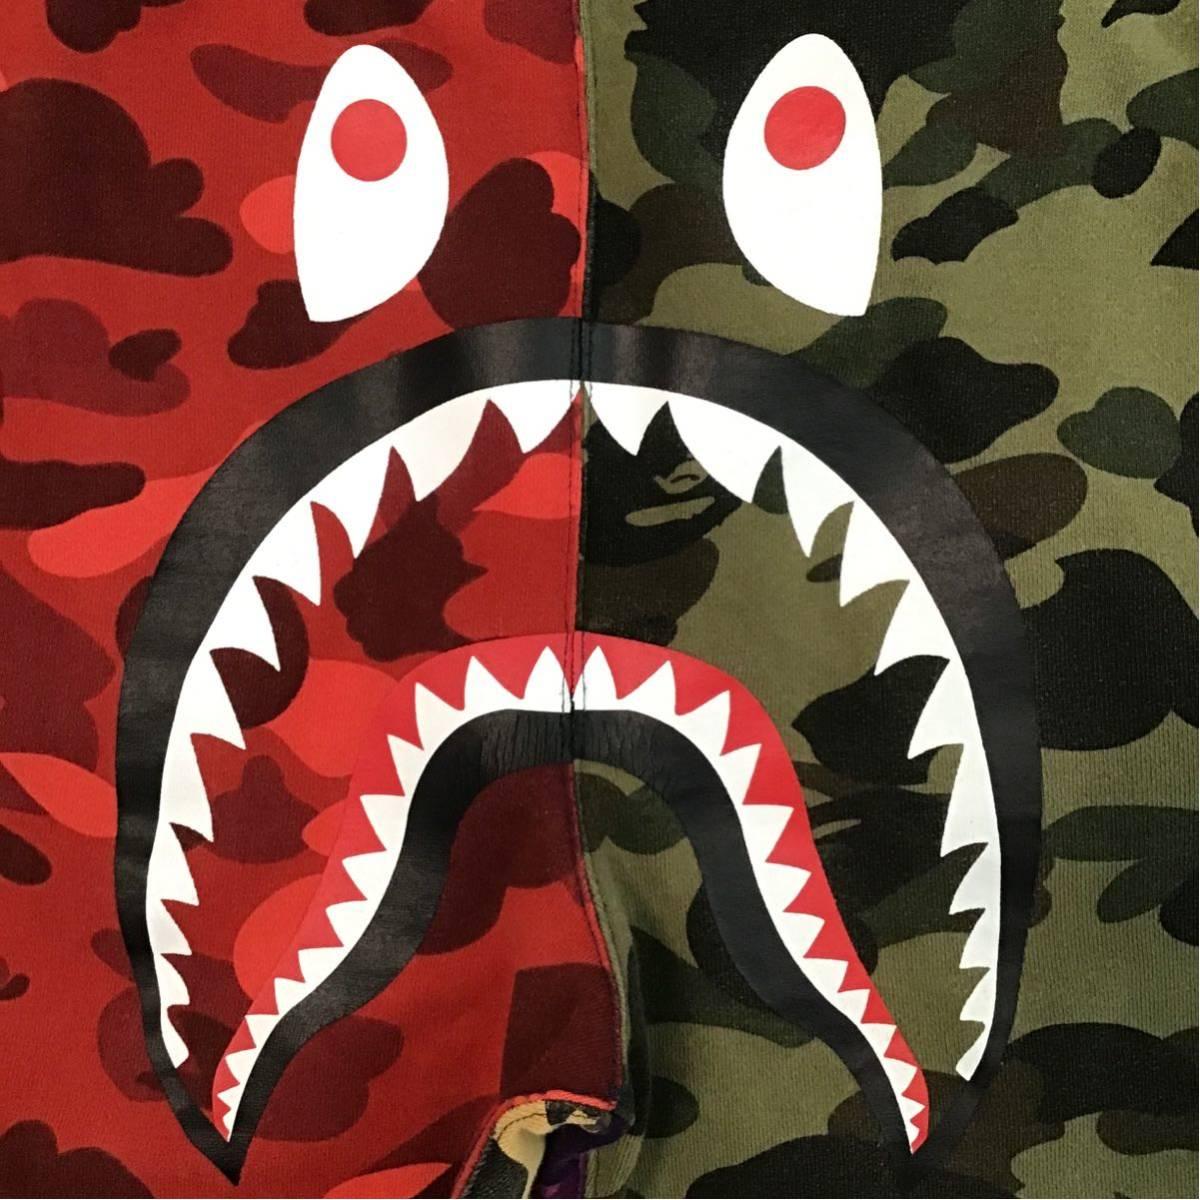 mix camo シャーク スウェットパンツ Mサイズ a bathing ape BAPE shark sweat pants エイプ ベイプ アベイシングエイプ crazy 迷彩 tgi52